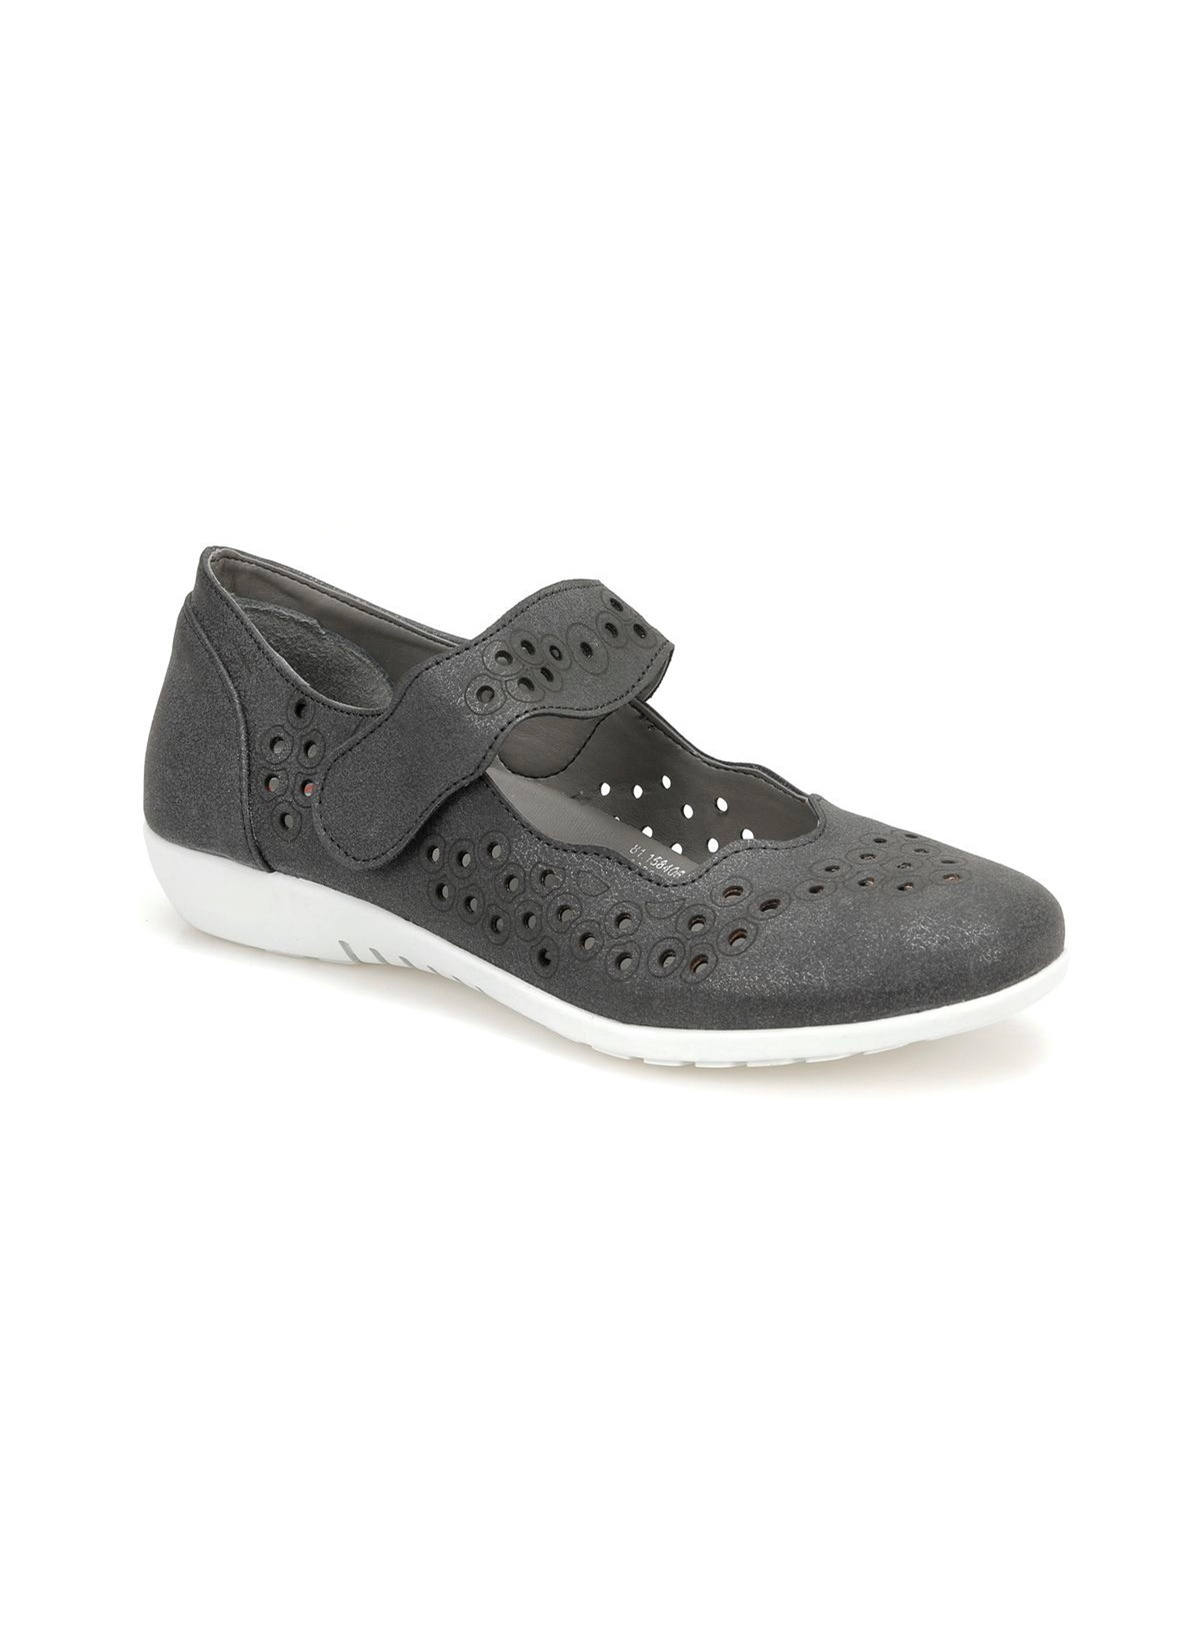 Polaris Ayakkabı 81.158406.z Basic Comfort – 39.99 TL